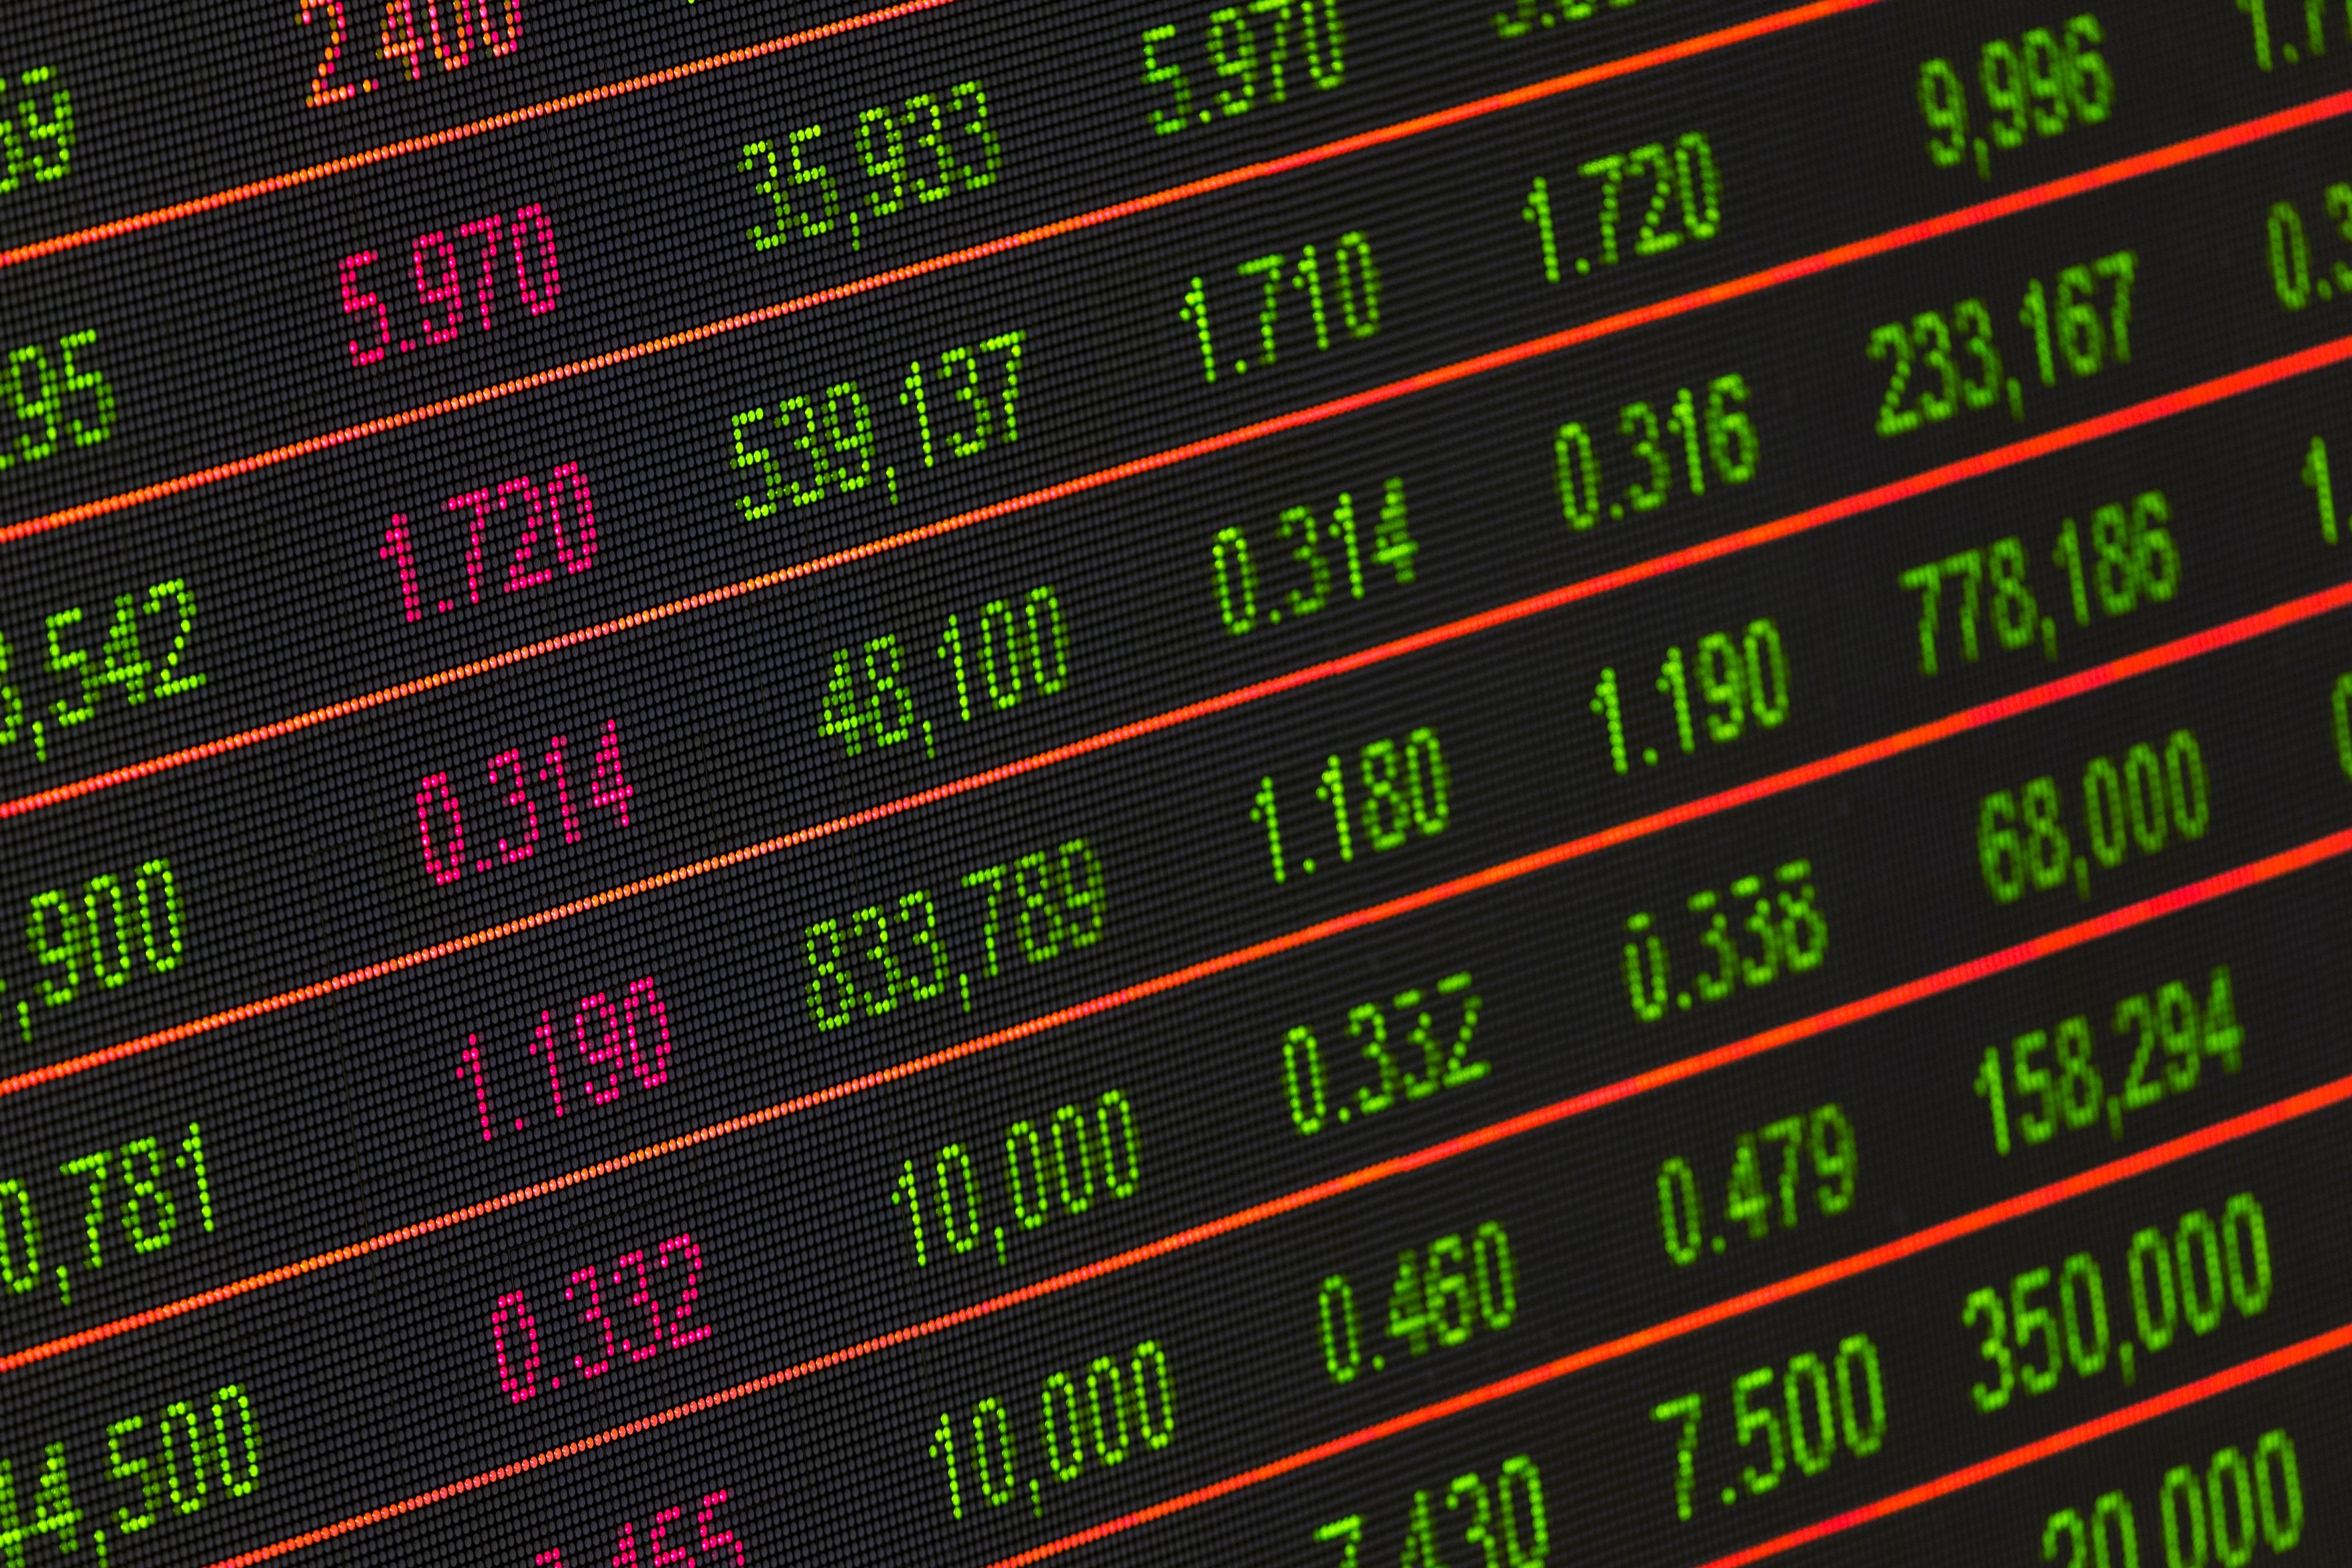 indexek a kereskedésben